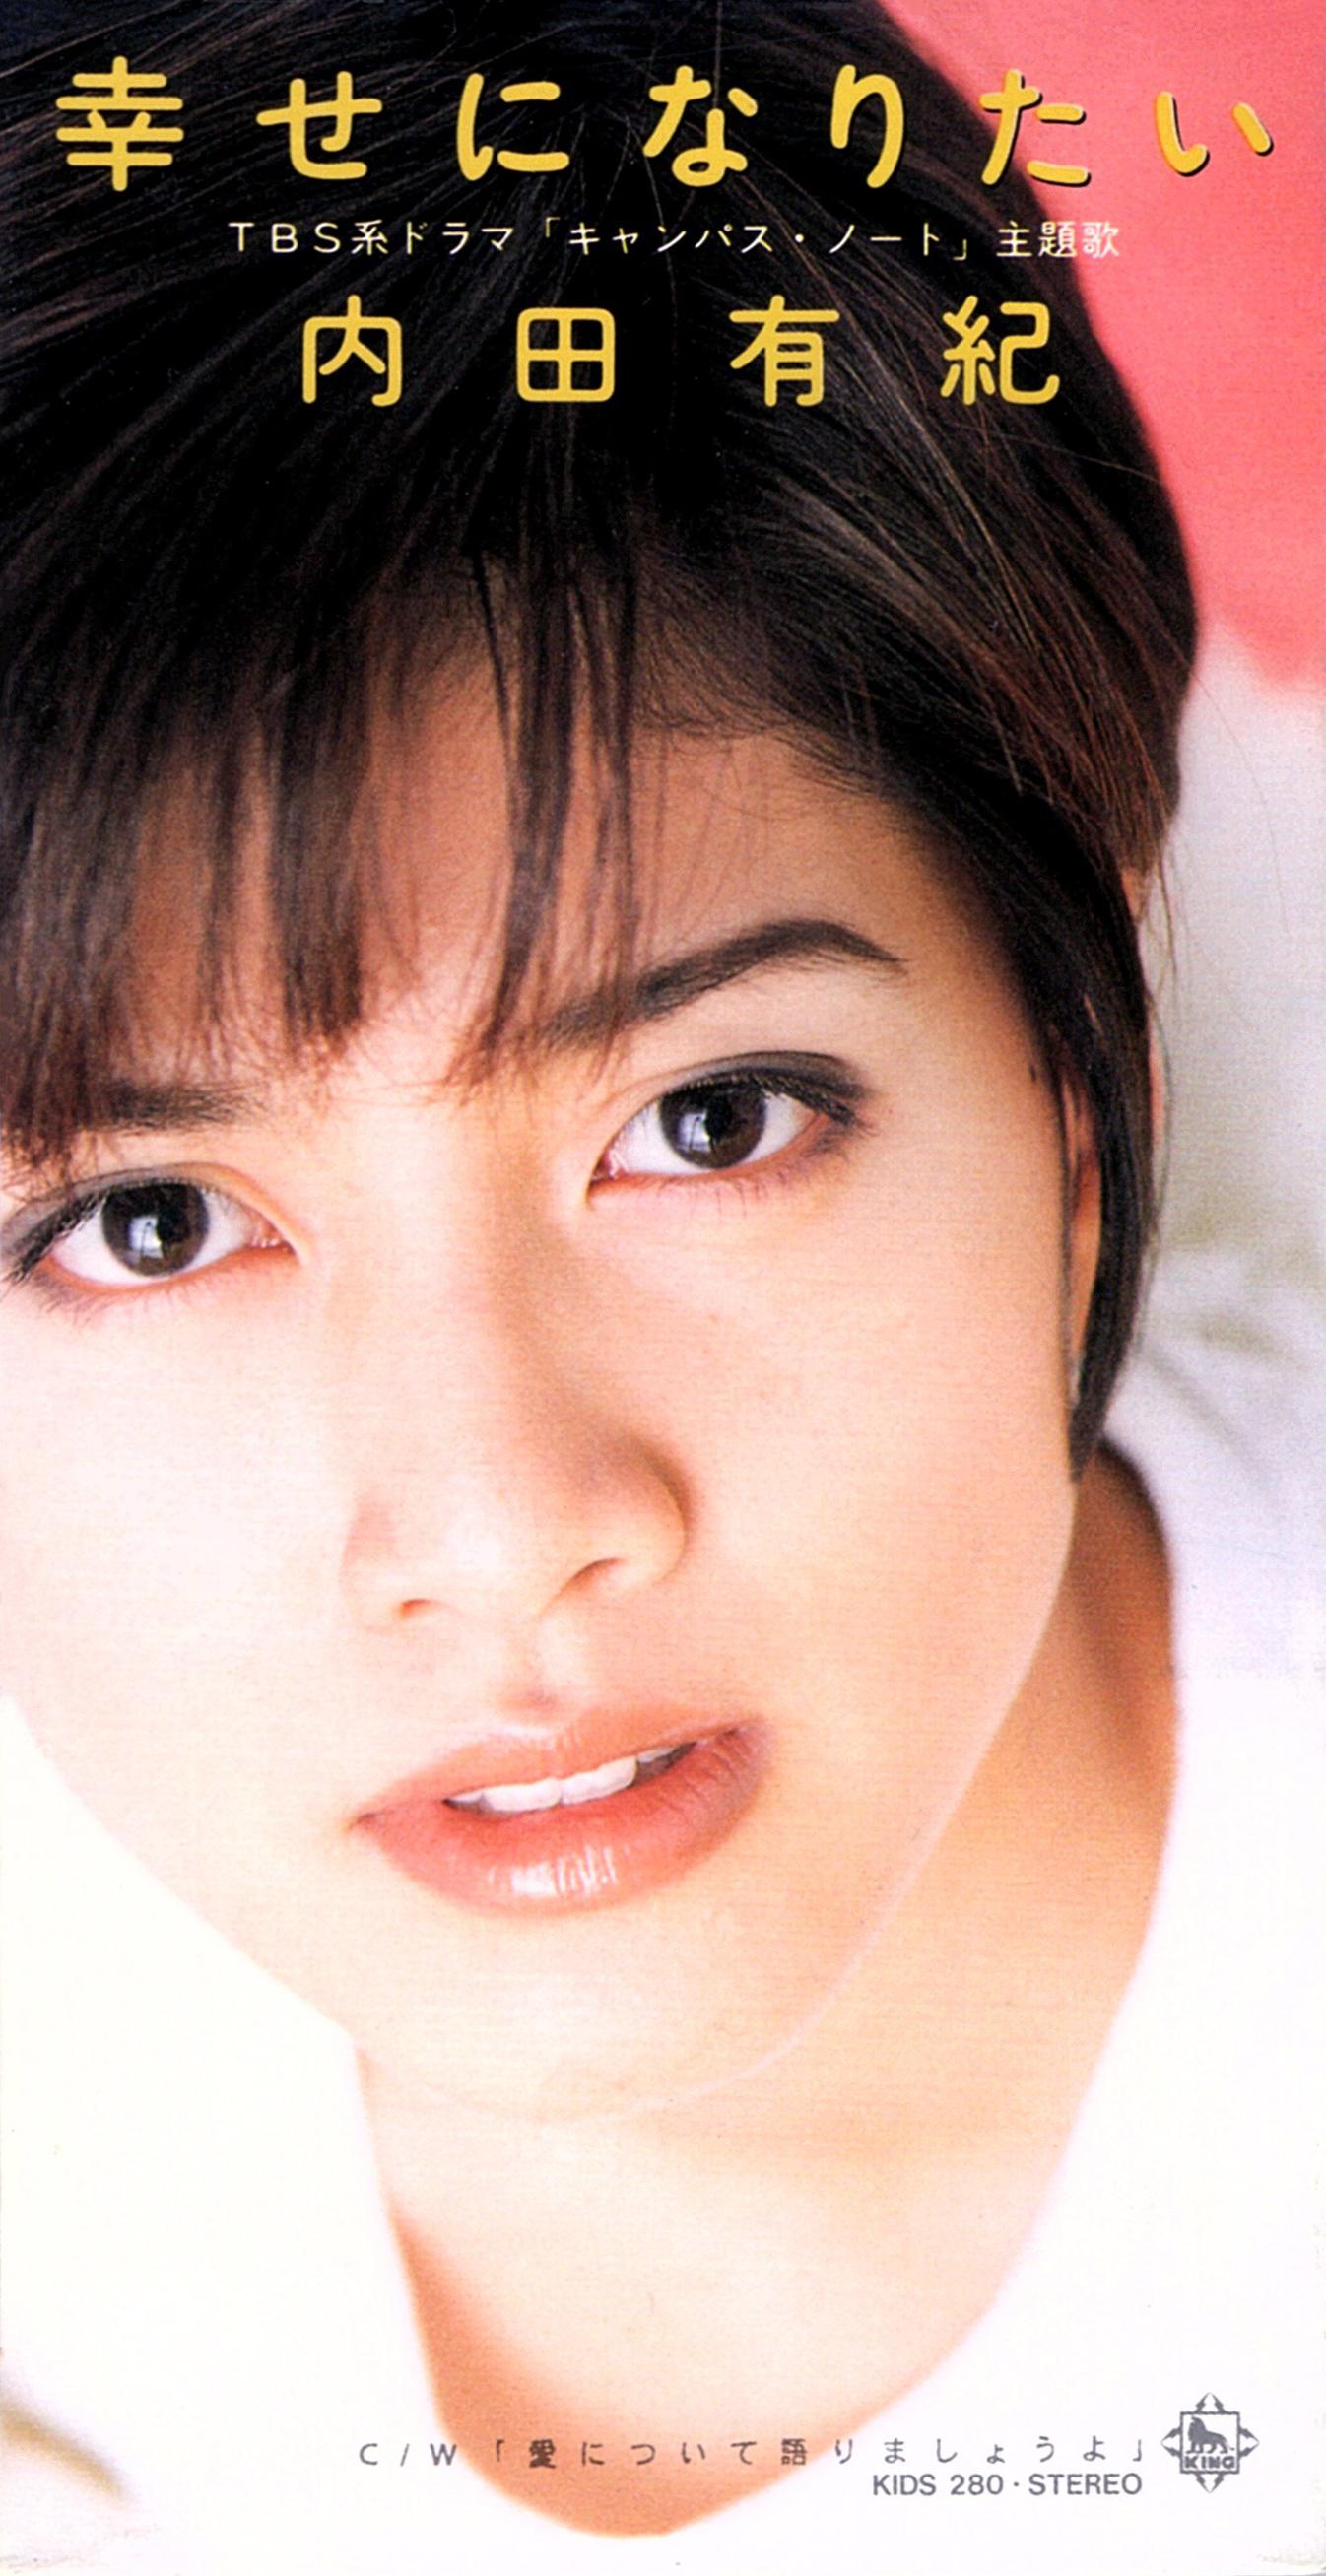 内田有紀 (うちだゆき) 5thシングル『幸せになりたい』(1996年1月24日発売) 高画質CDジャケット画像 ジャケ写